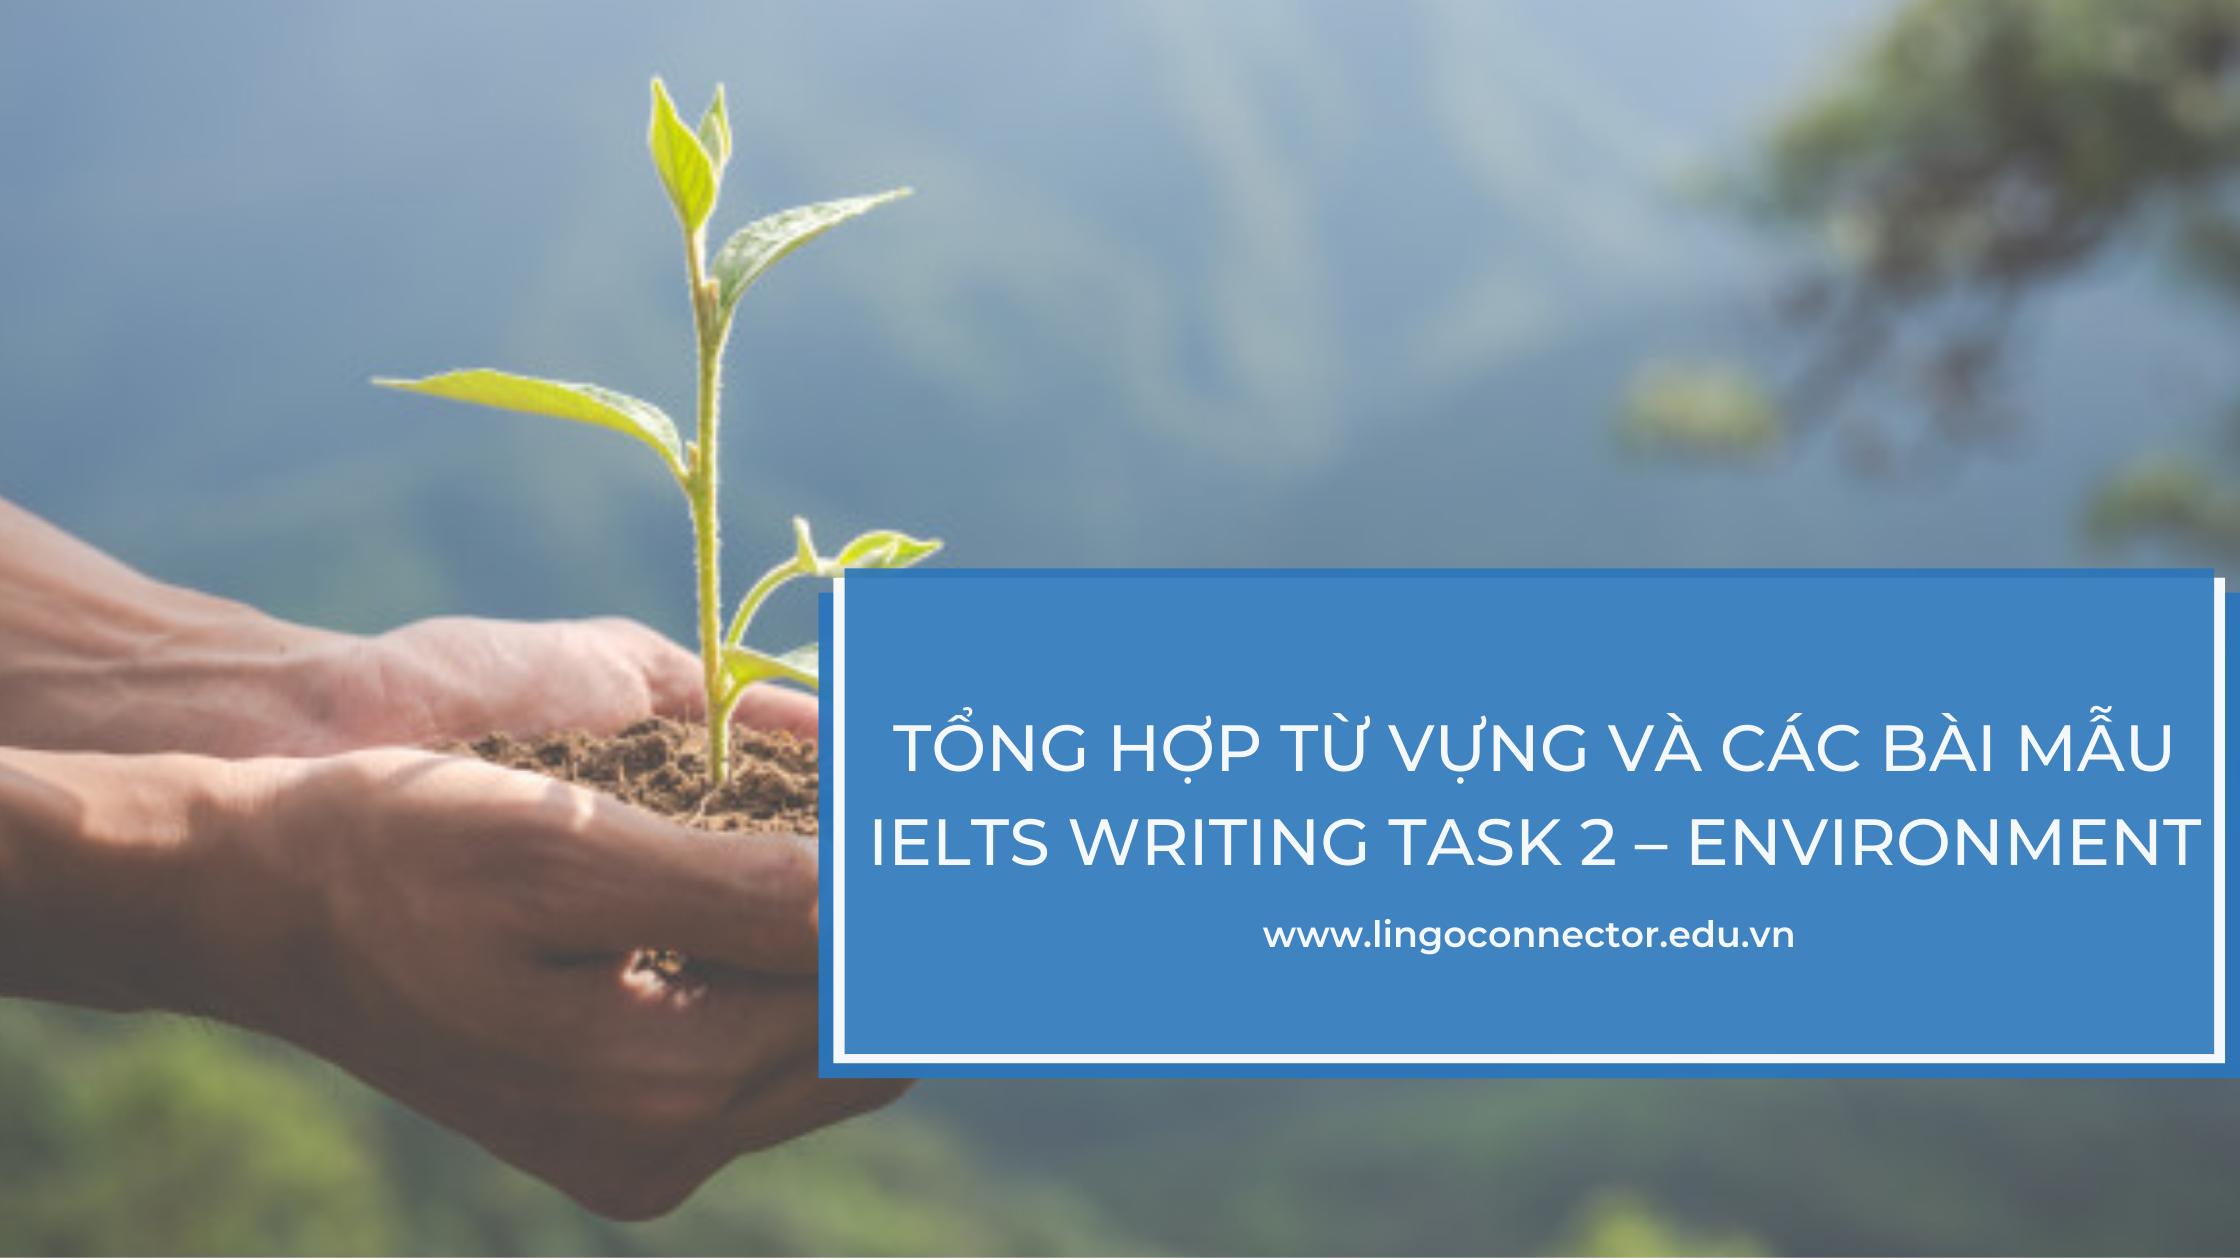 Tổng hợp từ vựng và các bài mẫu IELTS Writing Task 2 – ENVIRONMENT